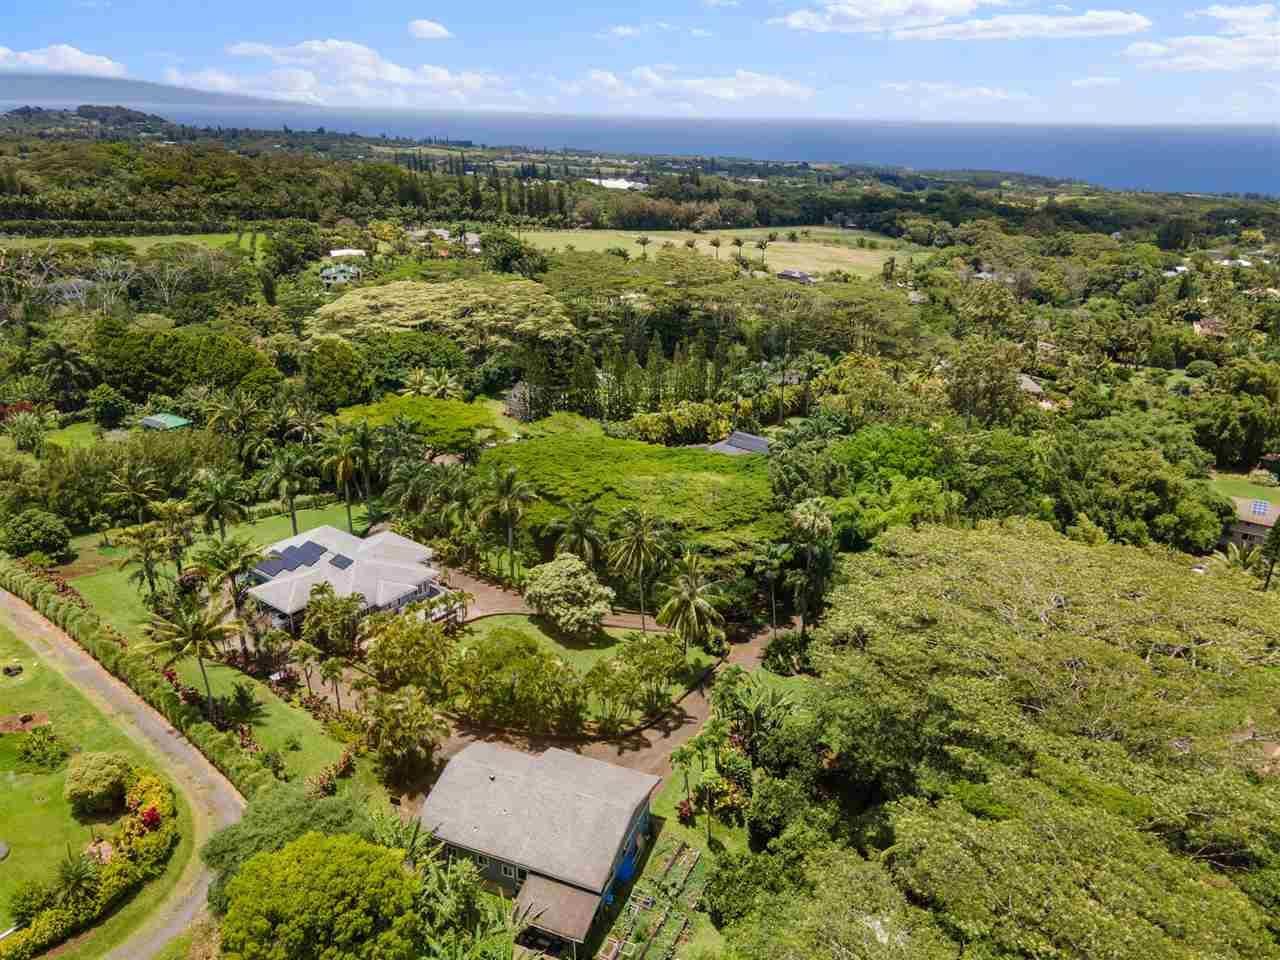 Photo of 25 Aloha Aina Pl, Haiku, HI 96708 (MLS # 392671)